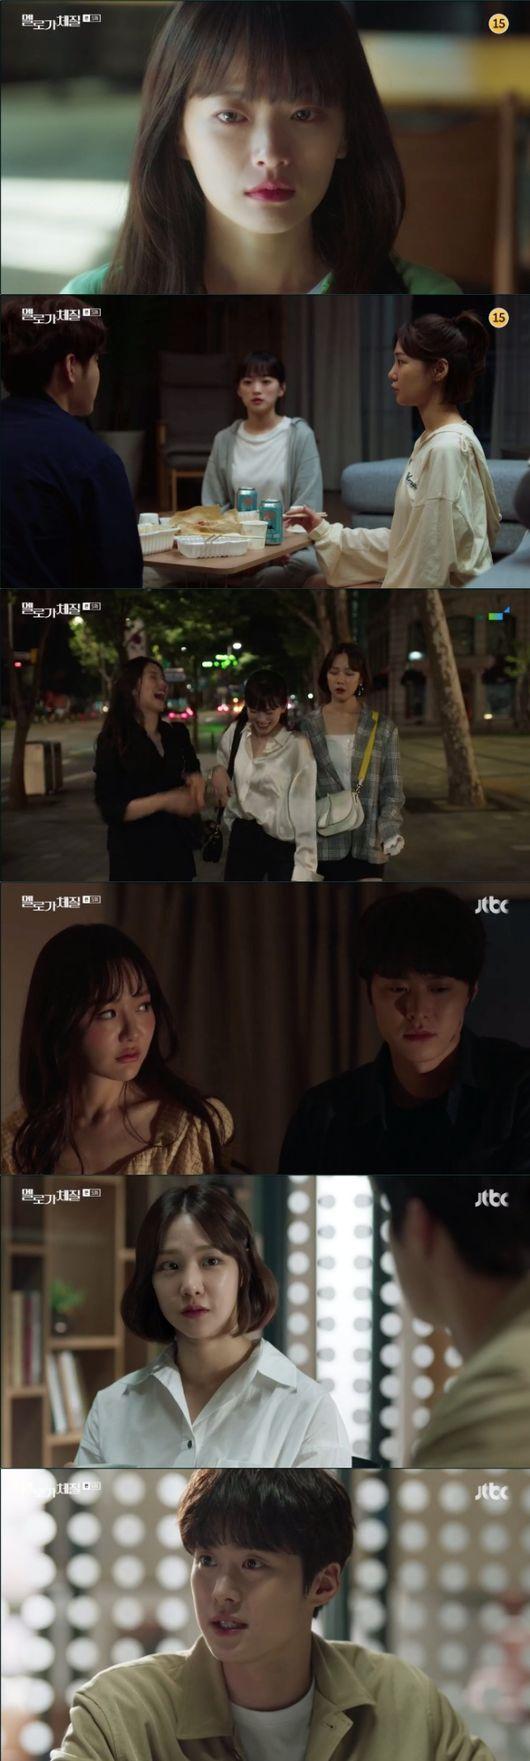 [사진=JTBC 방송화면] '멜로가 체질' 5회 천우희, 전여빈, 한지은, 공명, 미람 등.